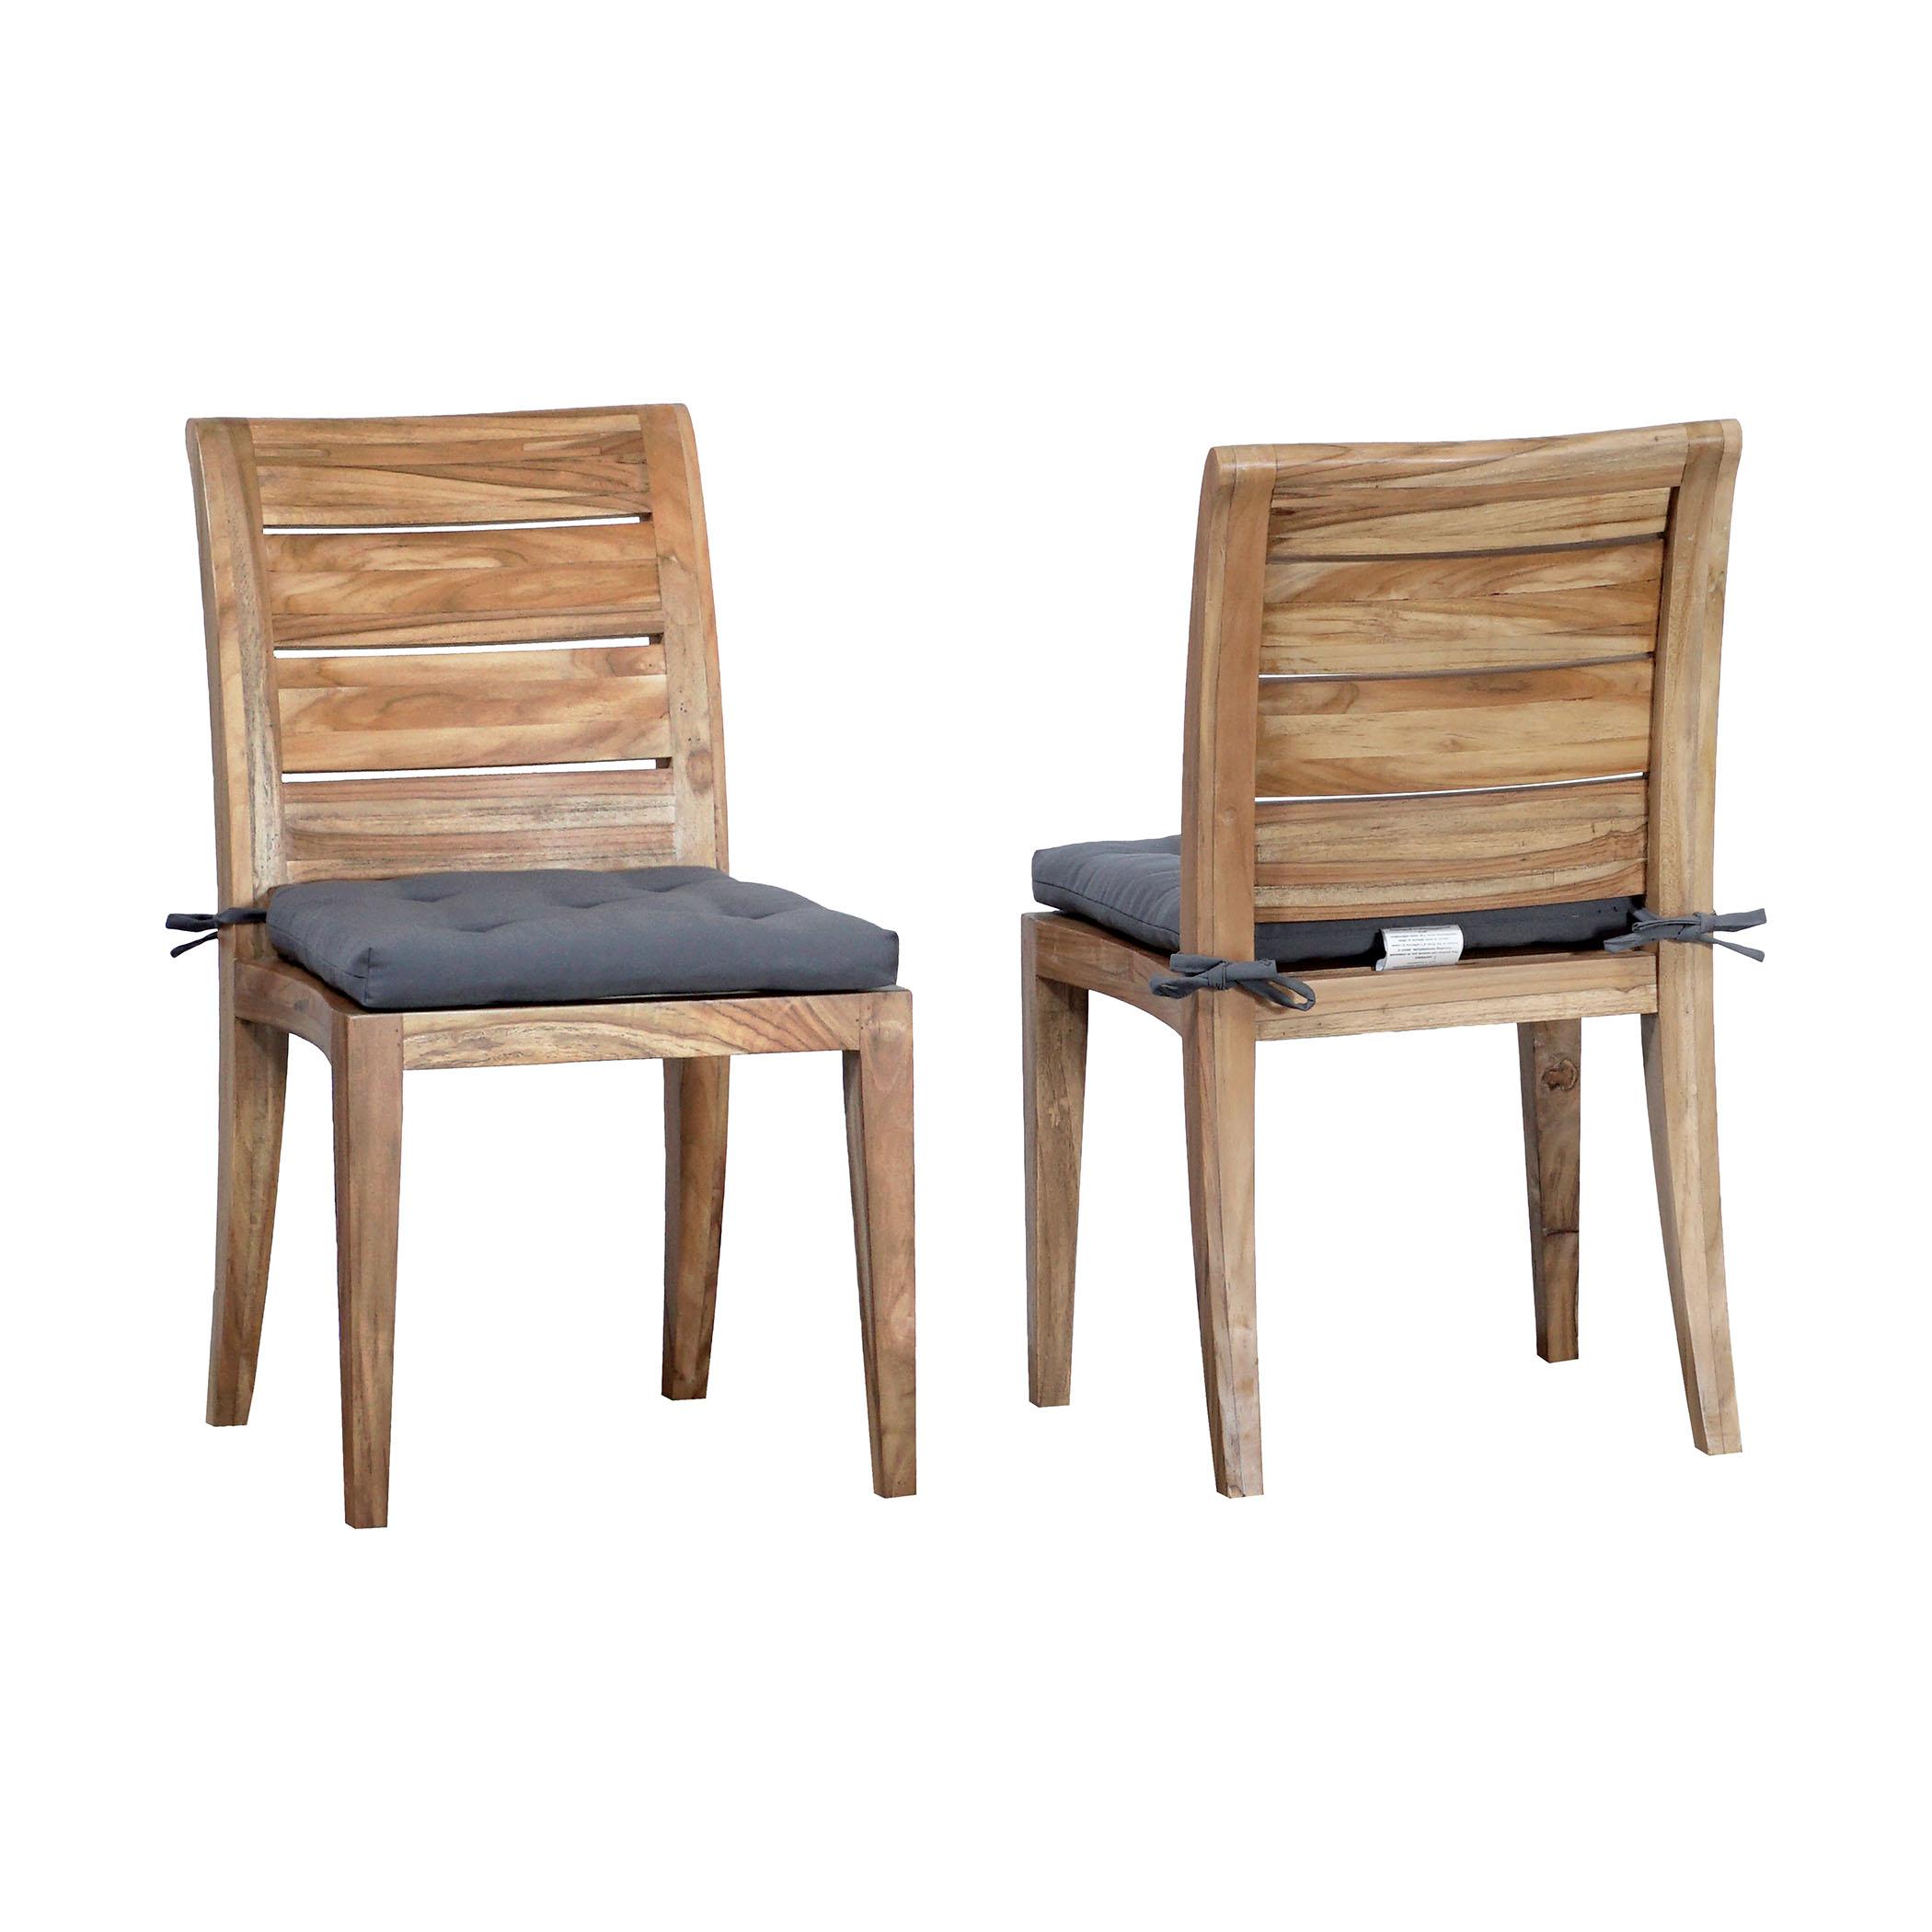 Teak Club Side Chair Set of 2 6918504P | ELK Home